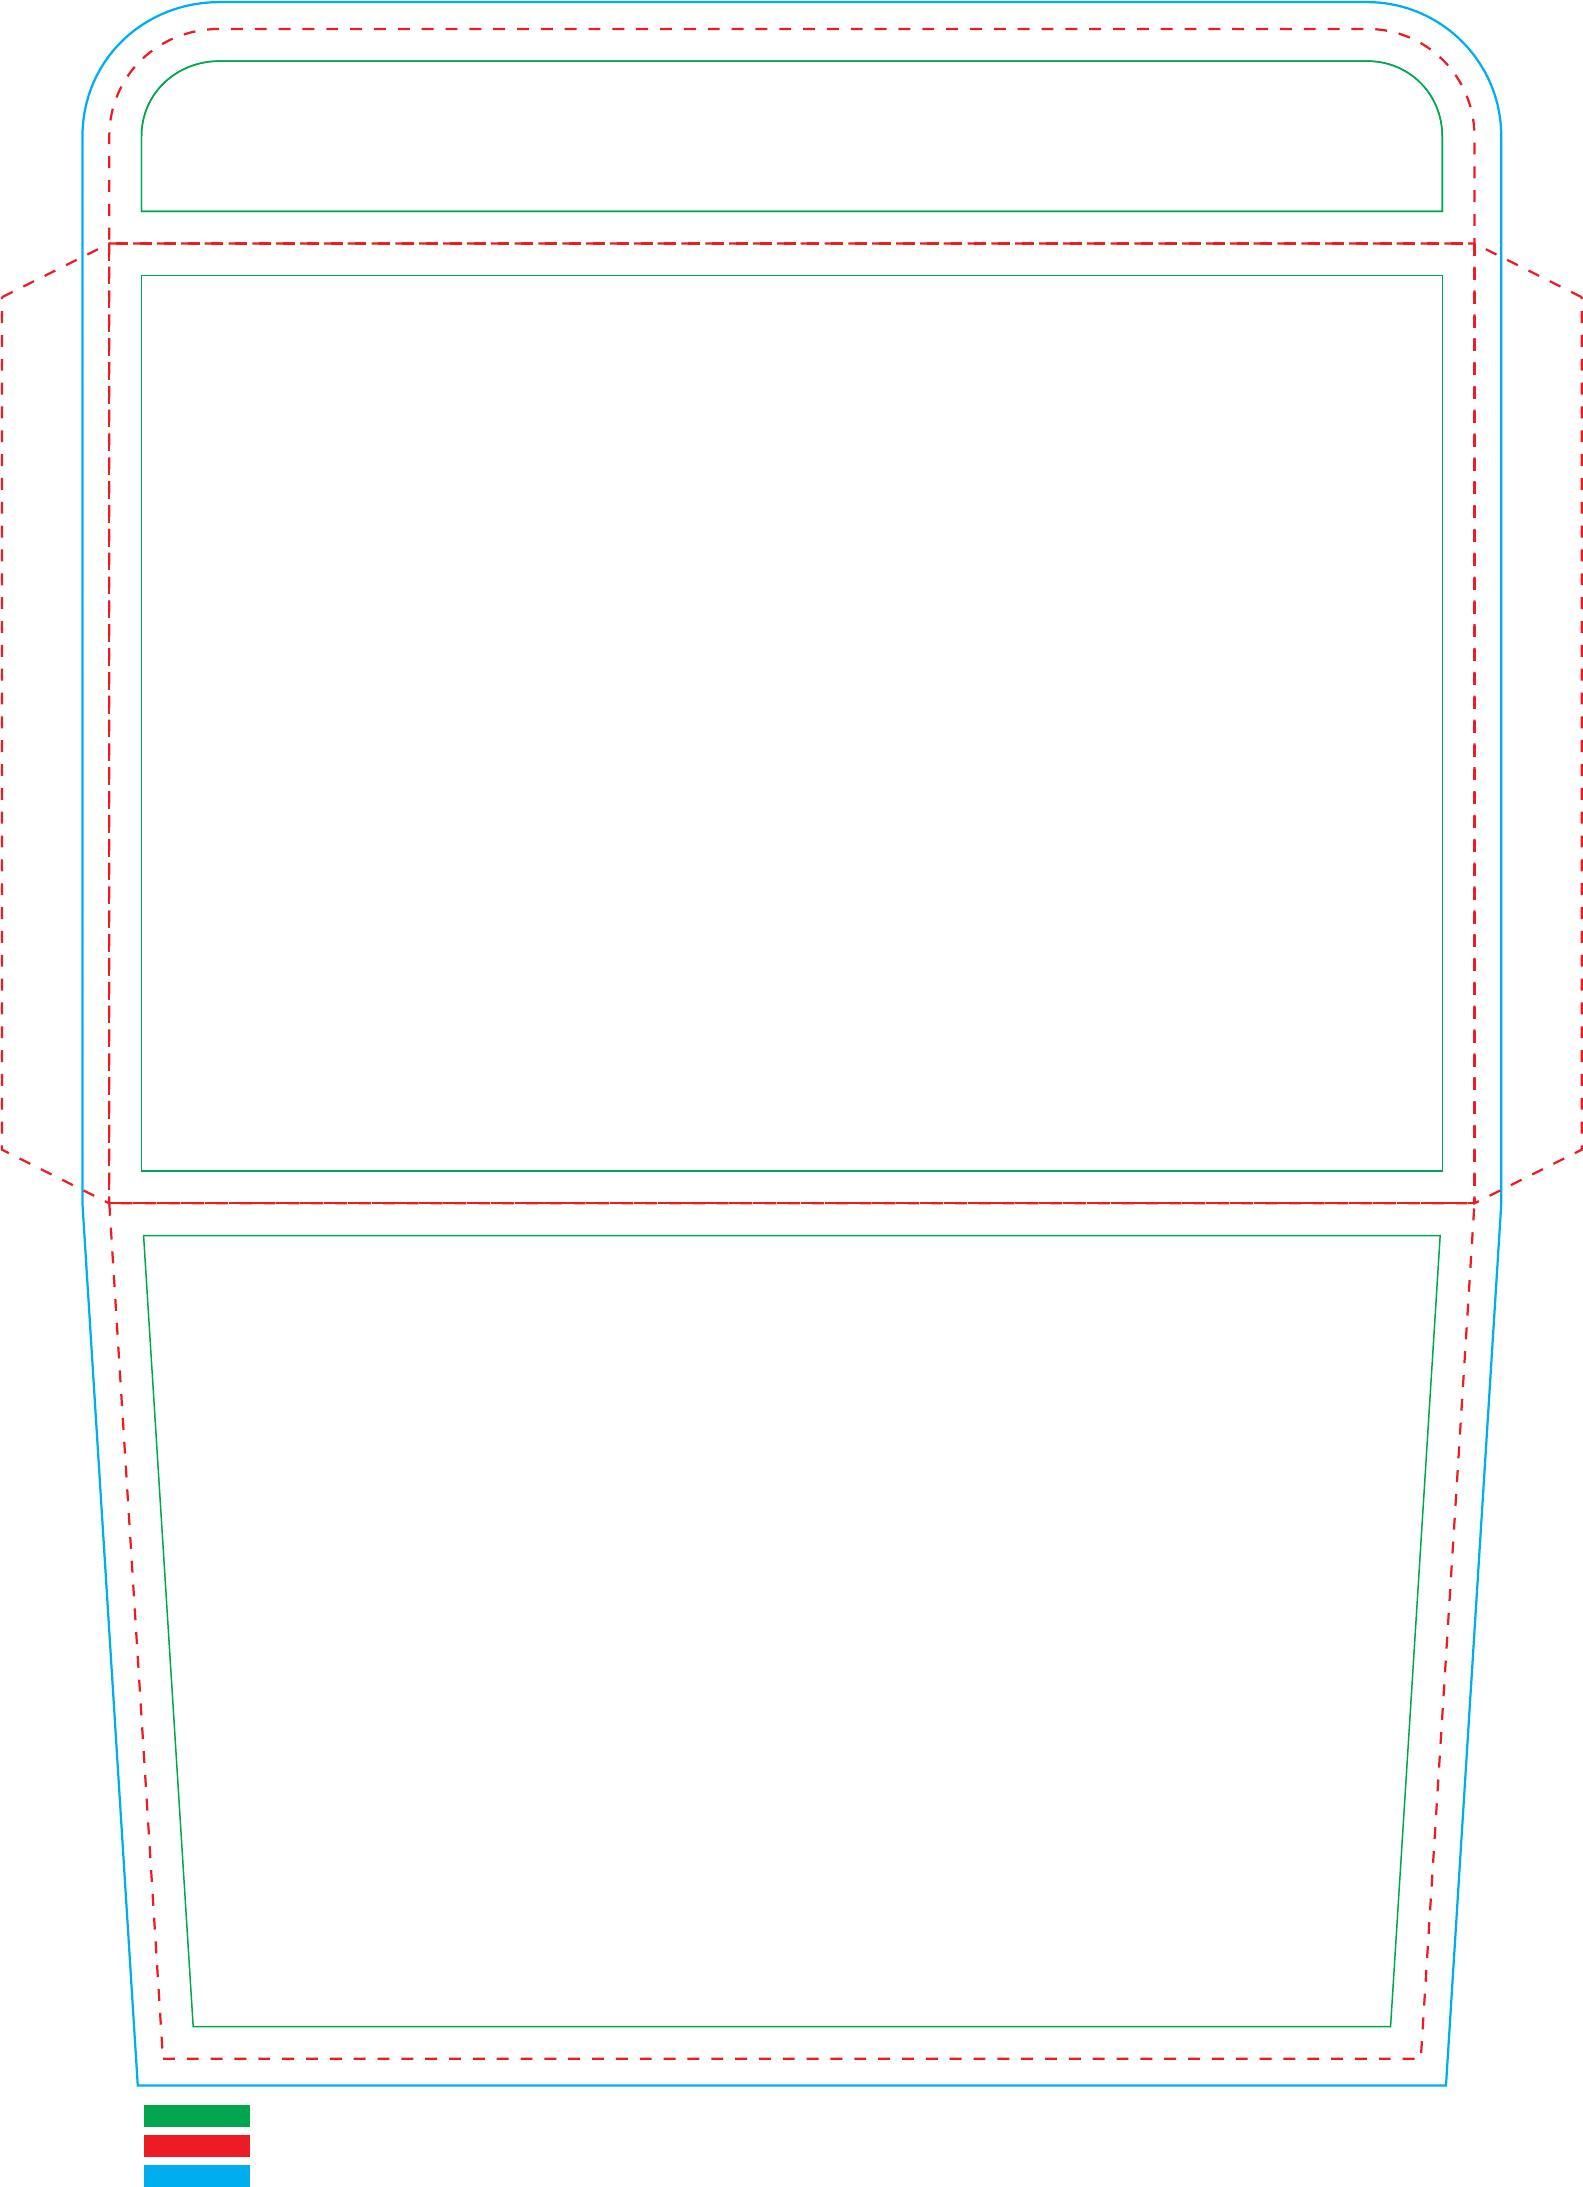 Envelope Printing Template Excel